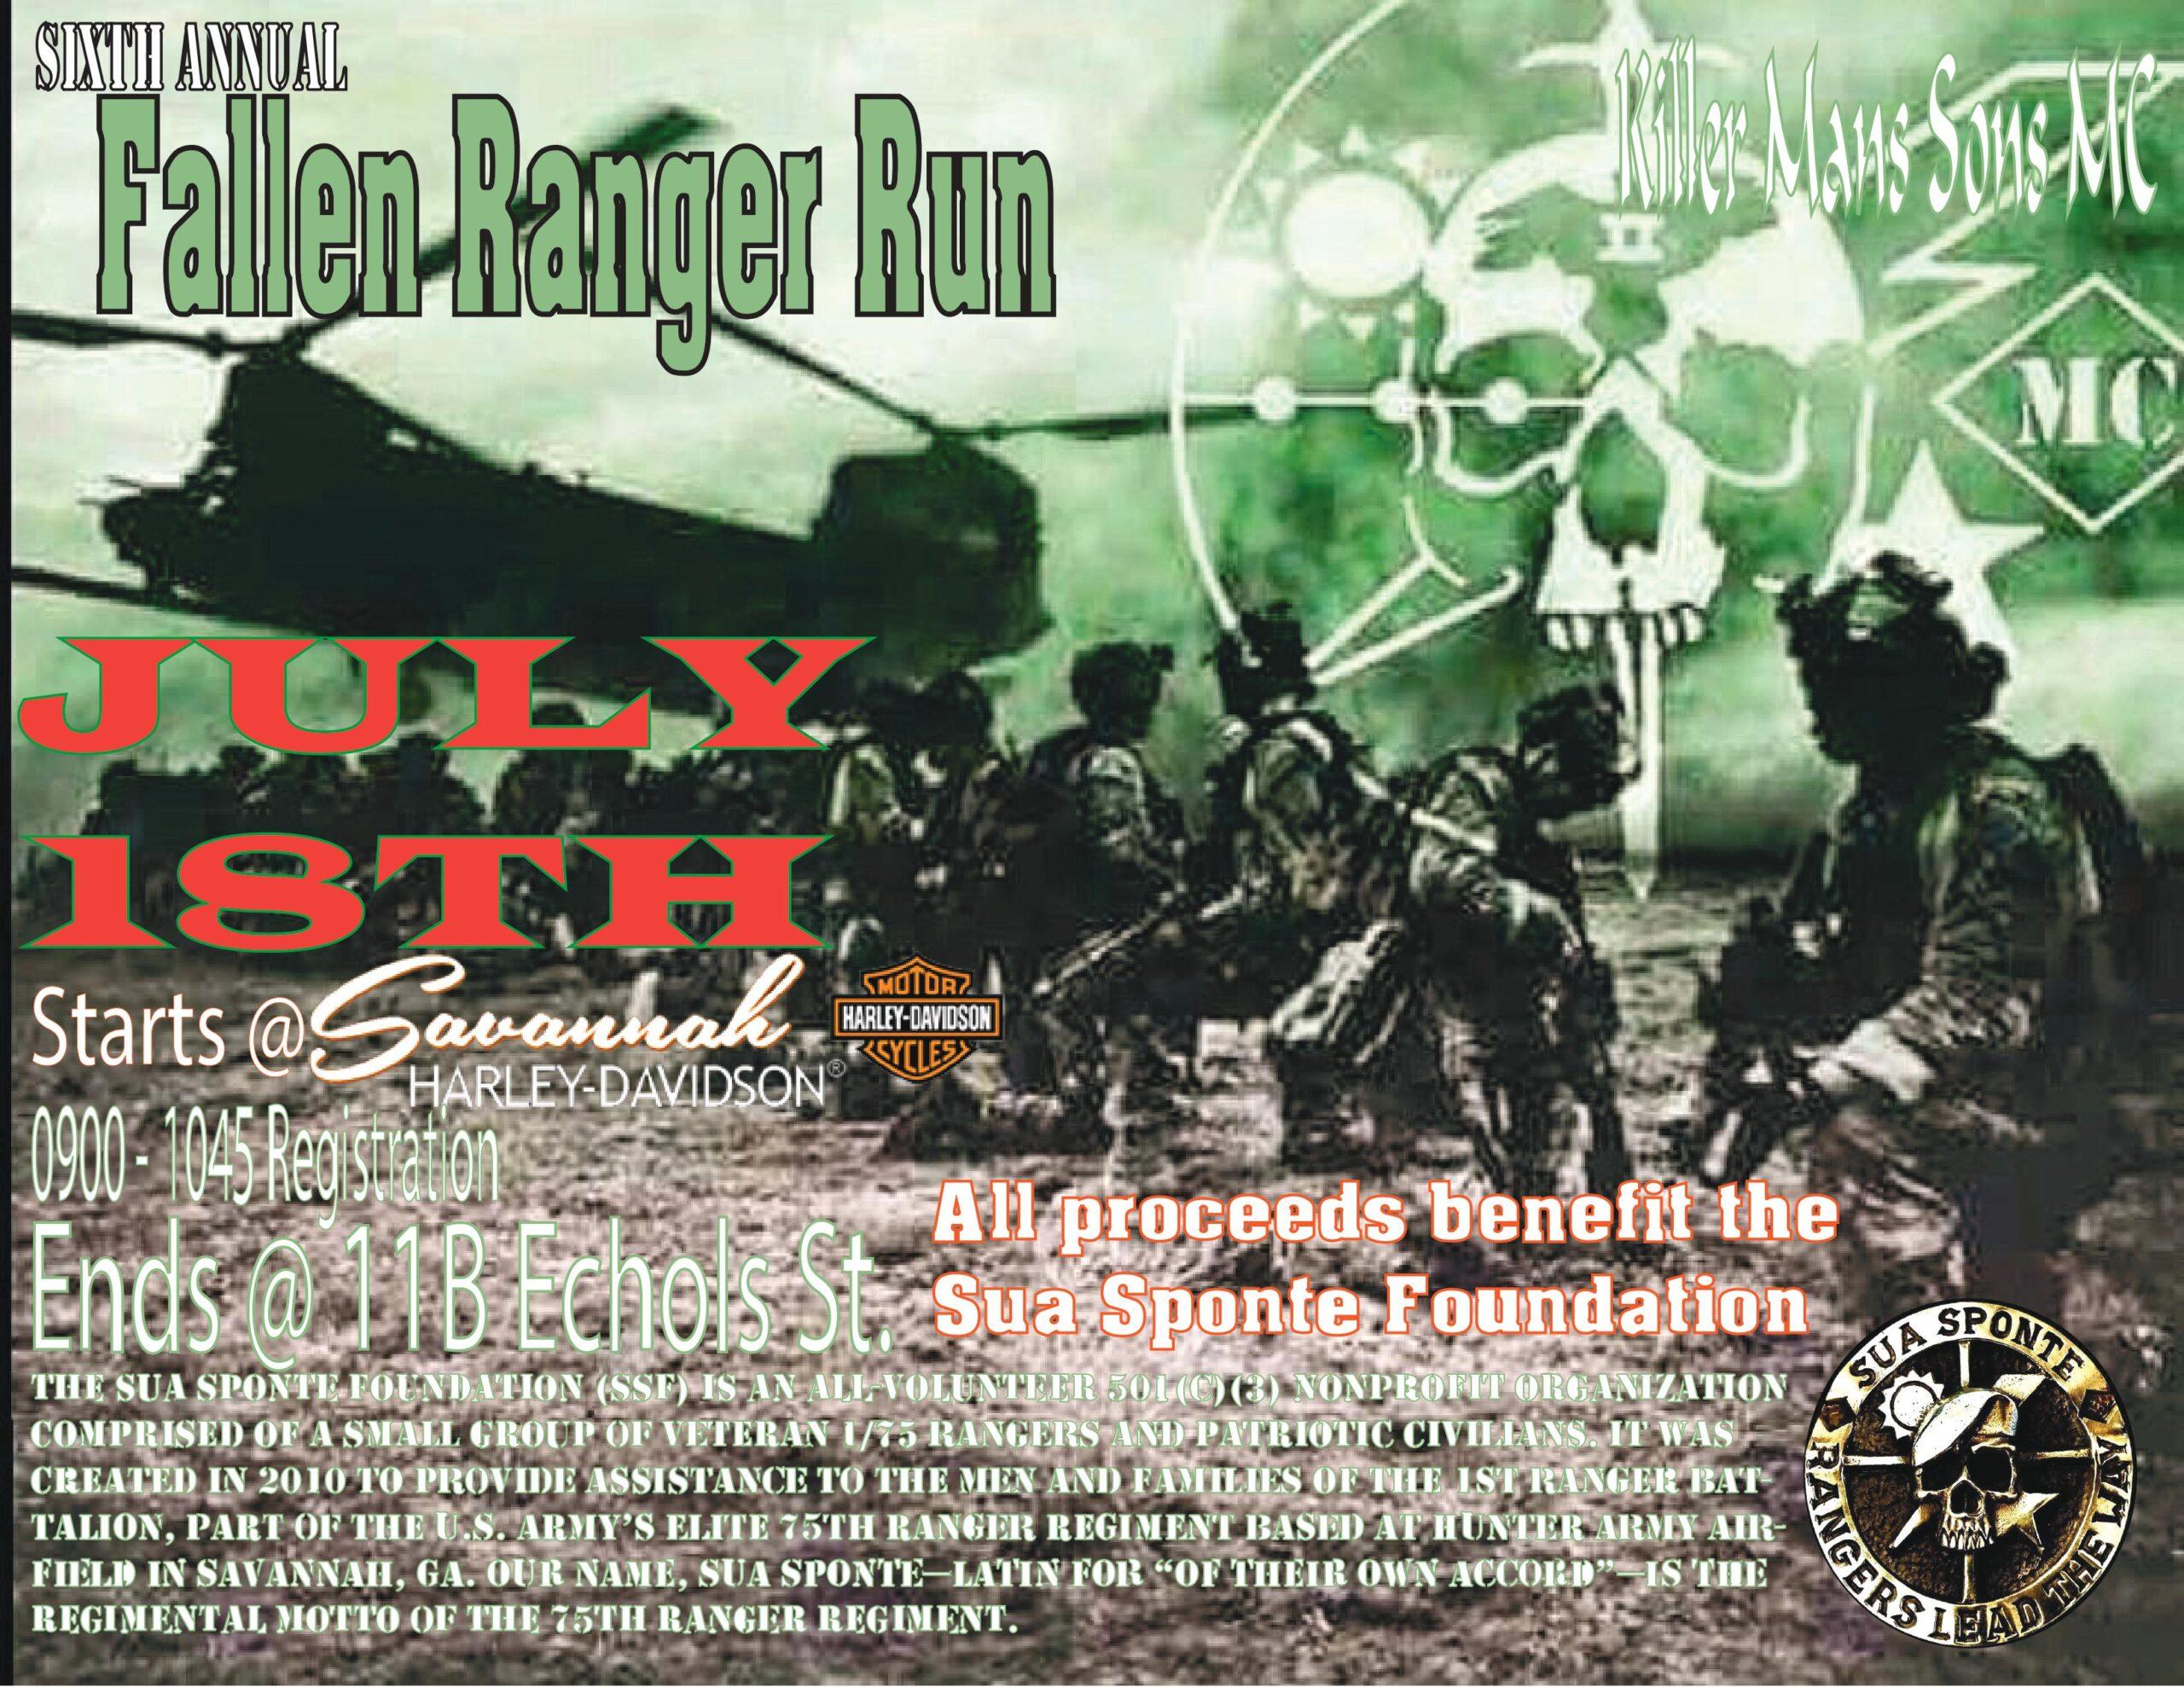 Killer Mans Sons MC - 6th Annual Fallen Ranger Run @ Savannah Harley-Davidson | Savannah | Georgia | United States